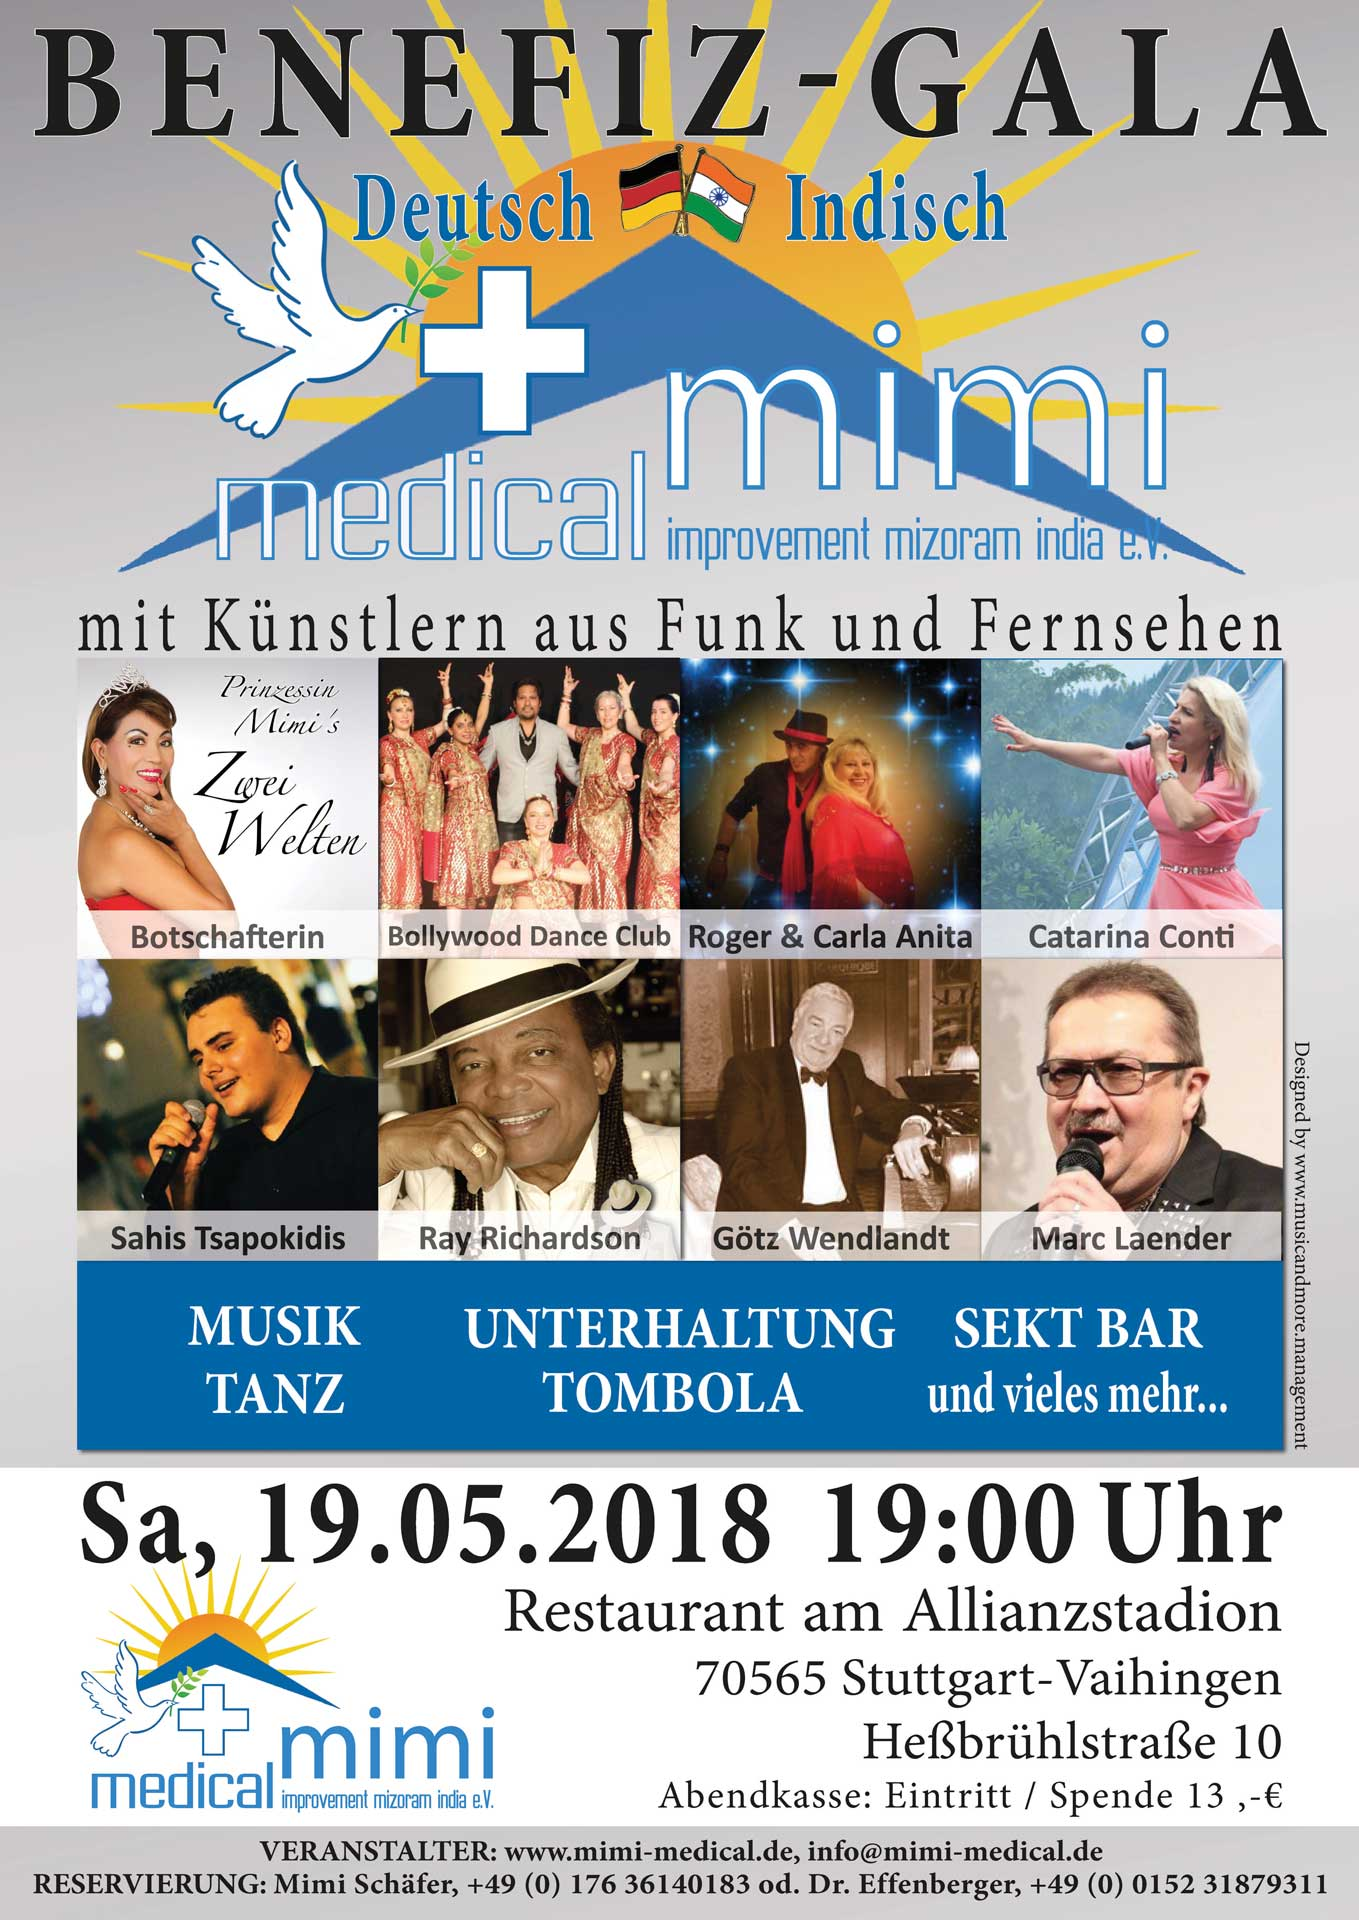 Benefiz-Gala Deutsch Indisch mit mimi e.V.